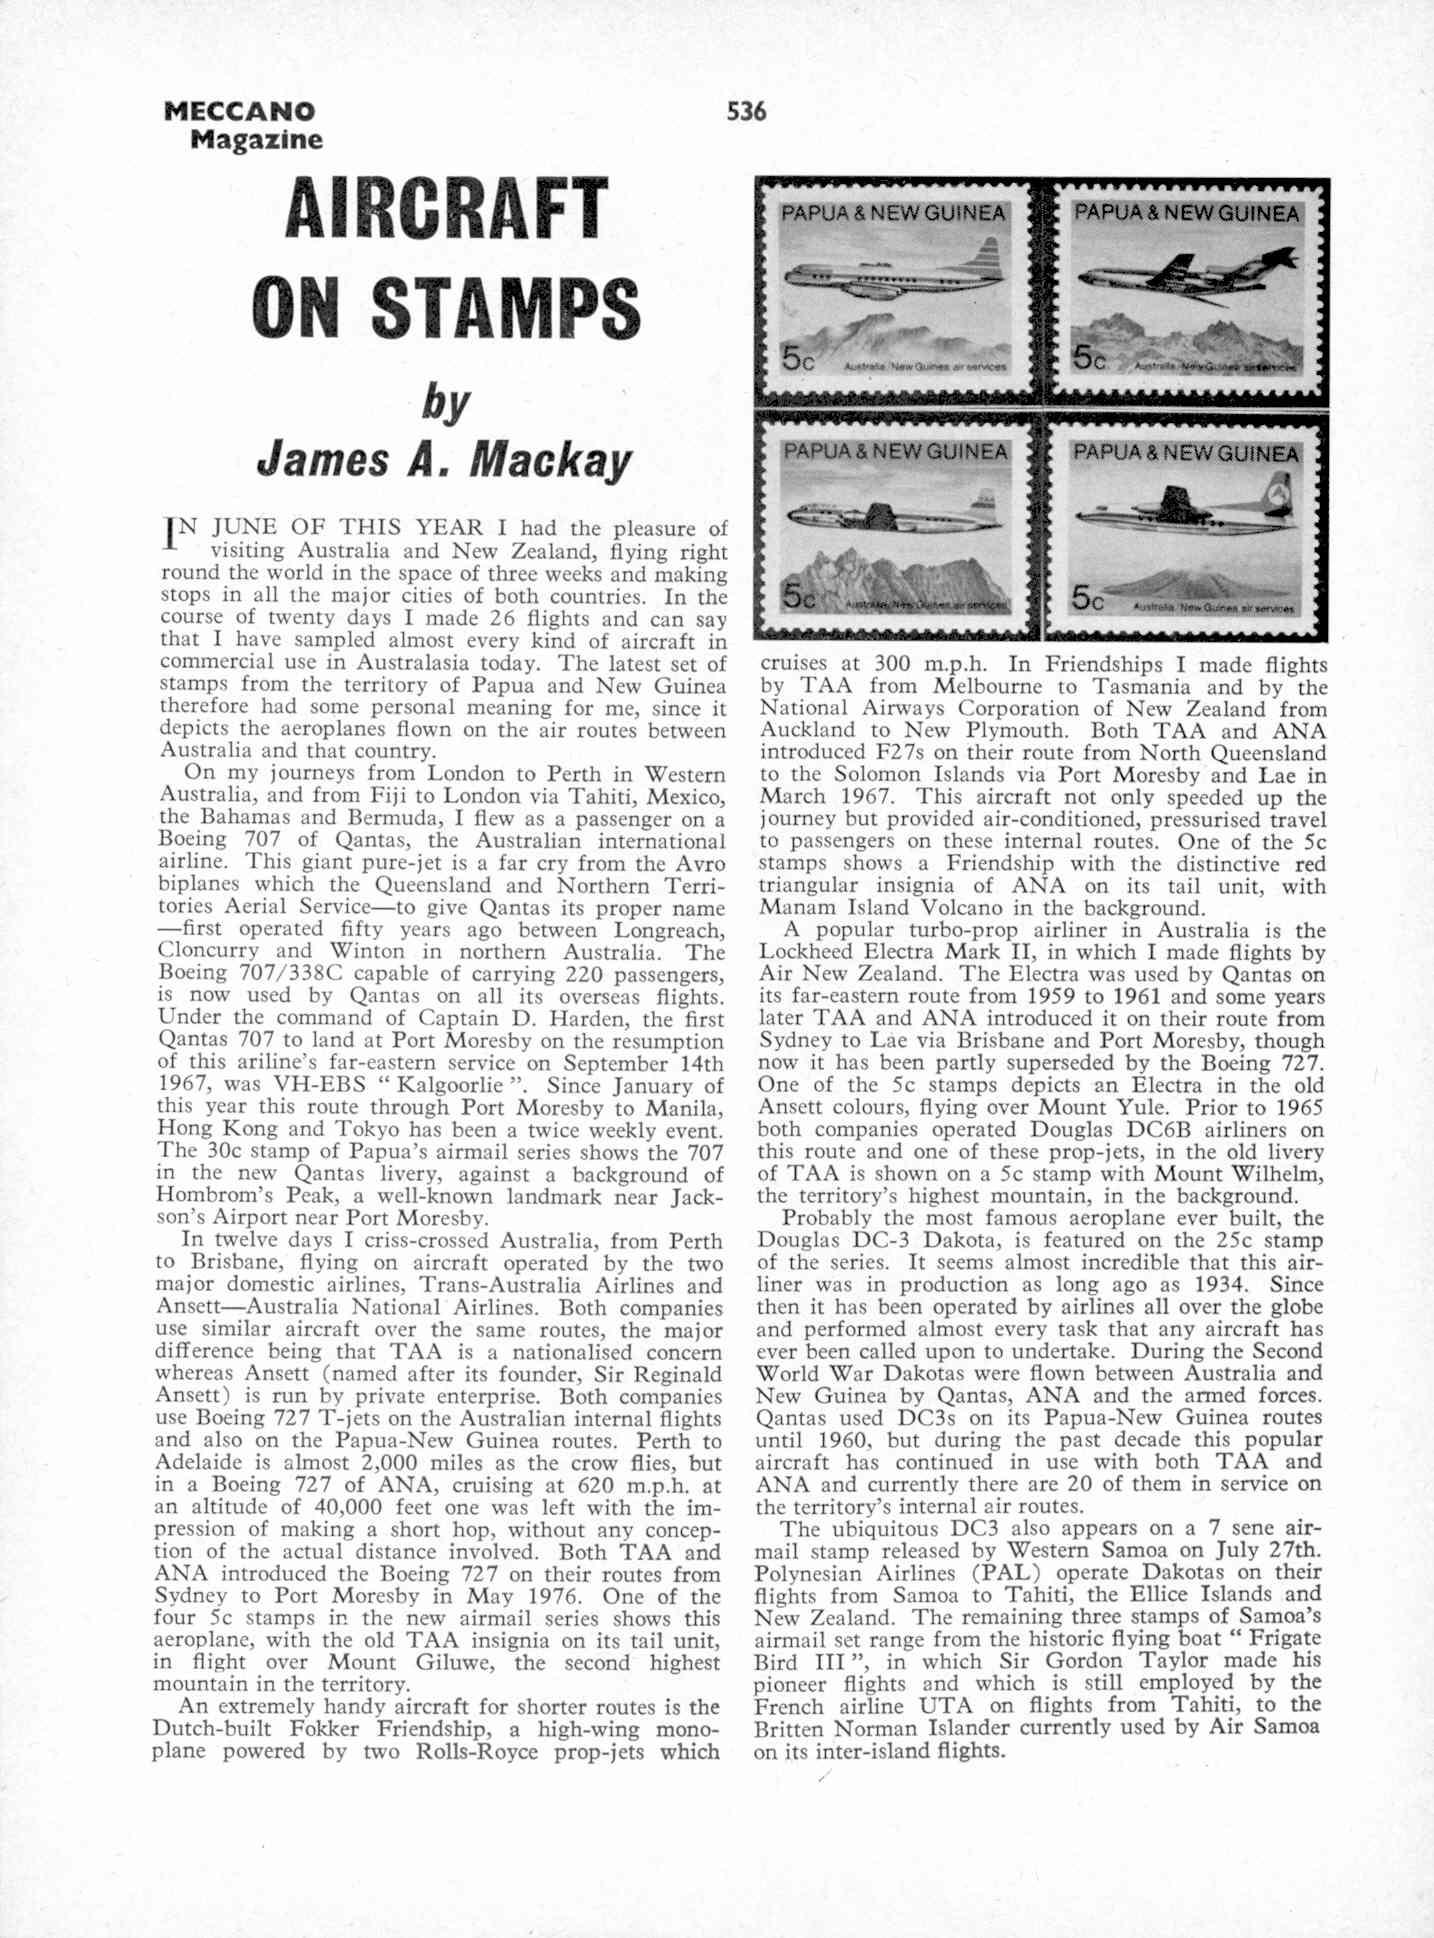 UK Meccano Magazine October 1970 Page 536